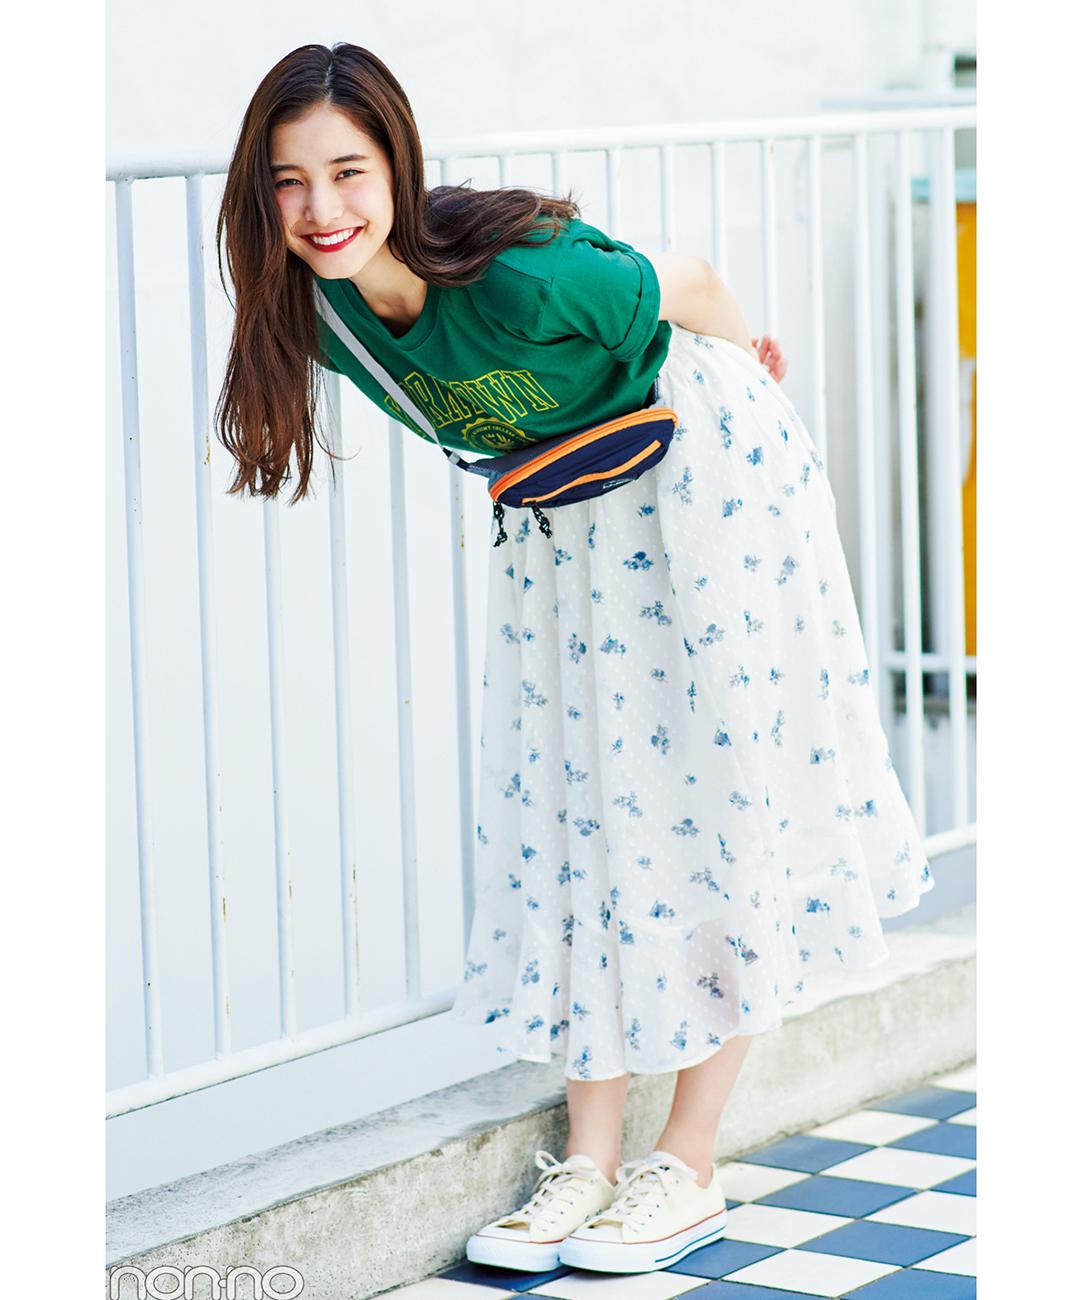 【夏のロングスカートコーデ】新木優子の、フェミスカートでギャップを狙うスポカジコーデ♡